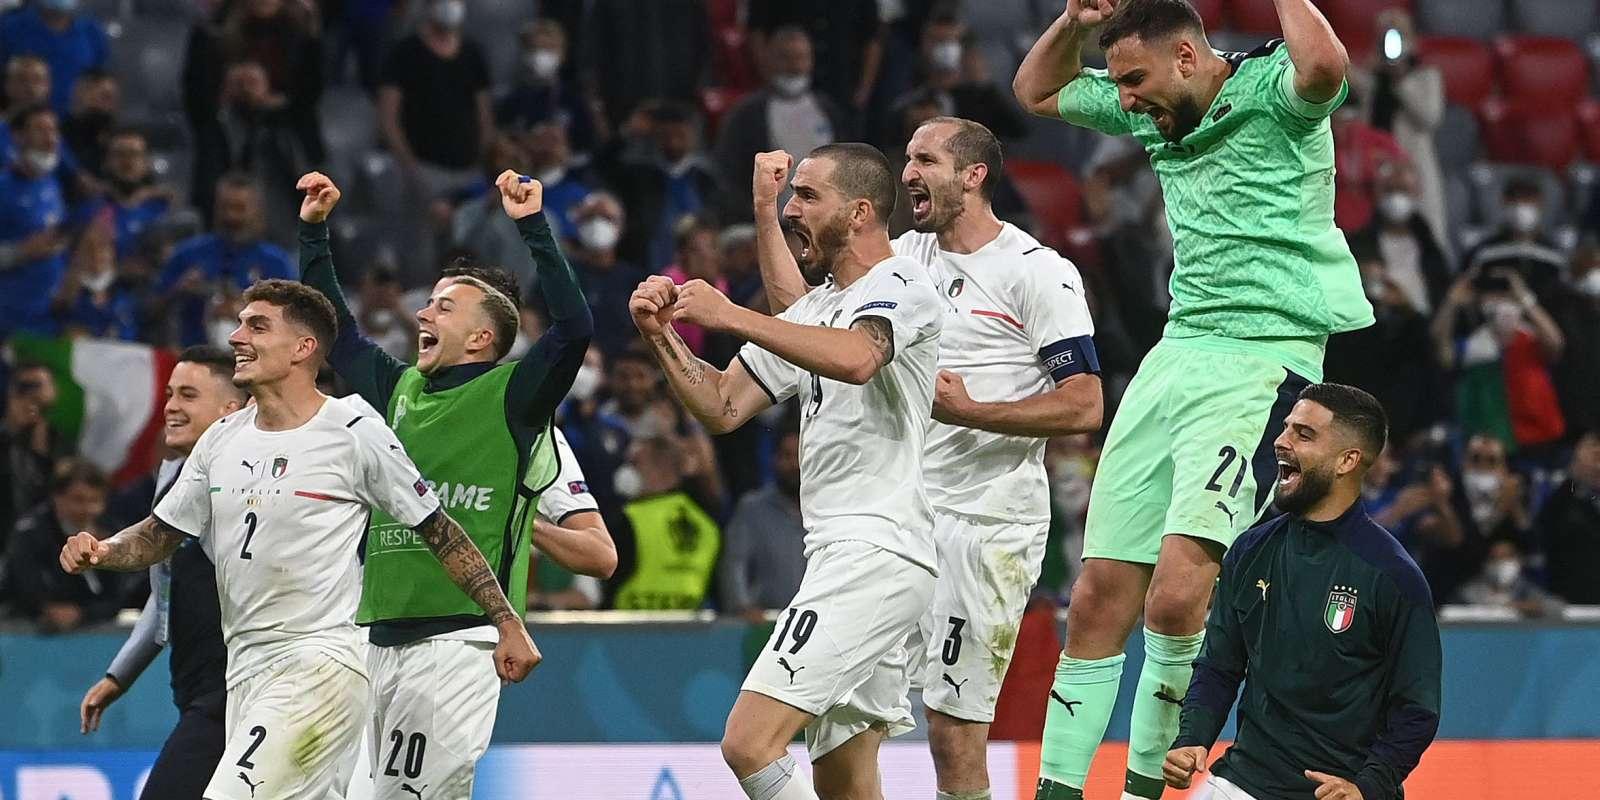 L'Italie tentera mardi contre l'Espagne à Wembley de se qualifier pour la première finale à l'Euro depuis 2012.